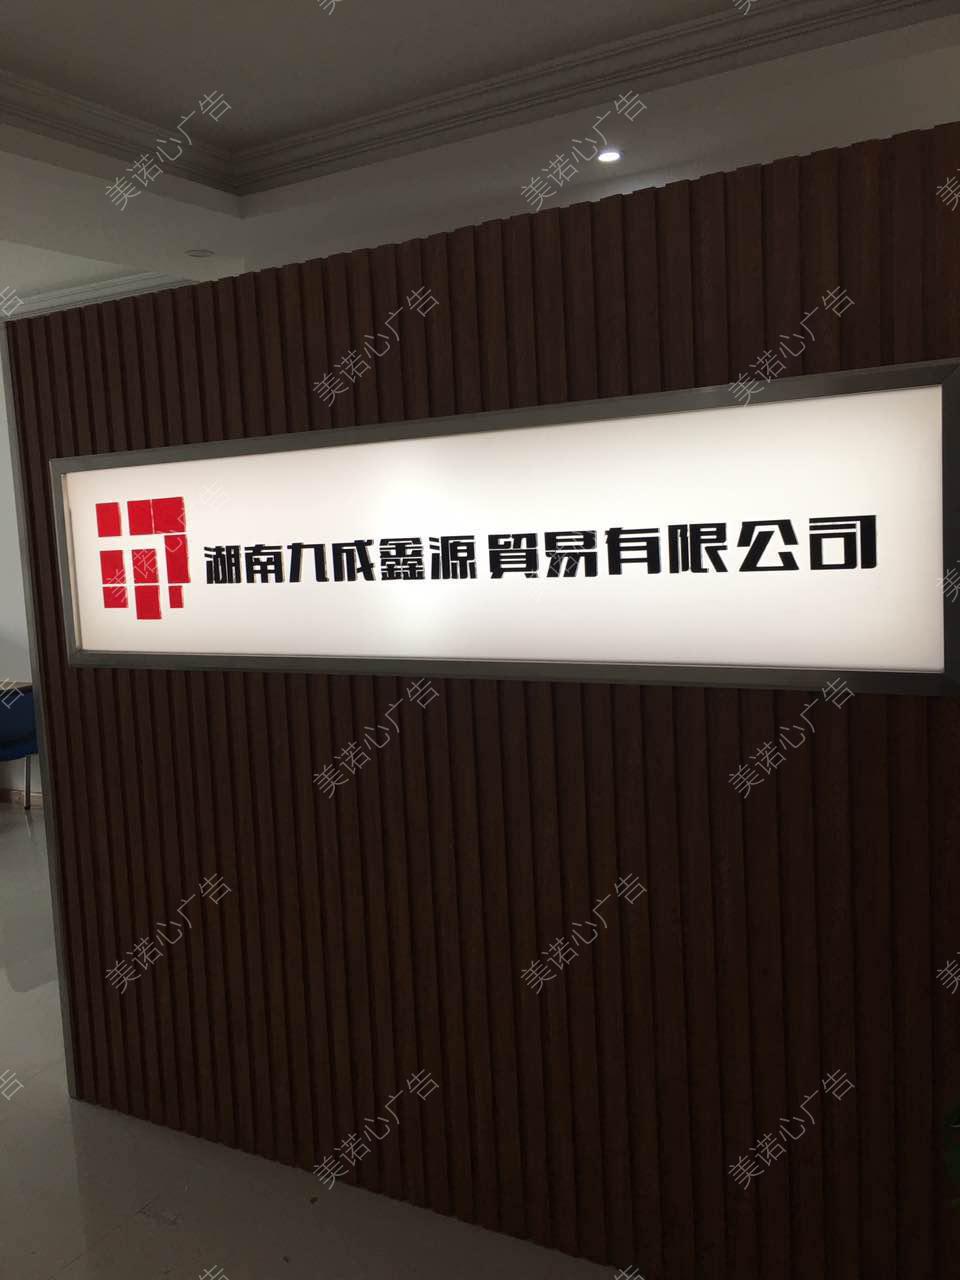 九成鑫源水晶字背景墙制作案例